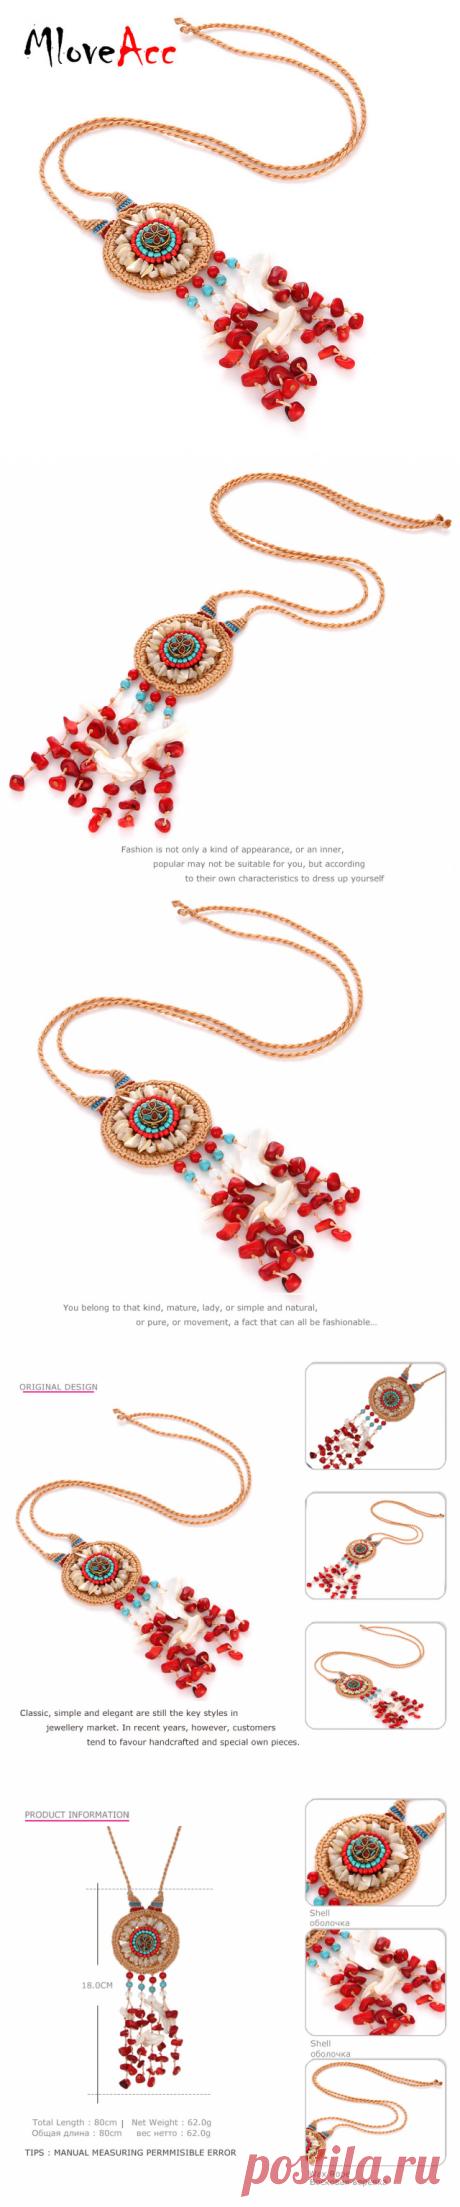 Mloveacc ручной работы ткань кулон Цепочки и ожерелья Bohemia экзотические Этническая В виде ракушки кисточкой Ожерелья для мужчин для Для женщин украшения подарок случая купить на AliExpress